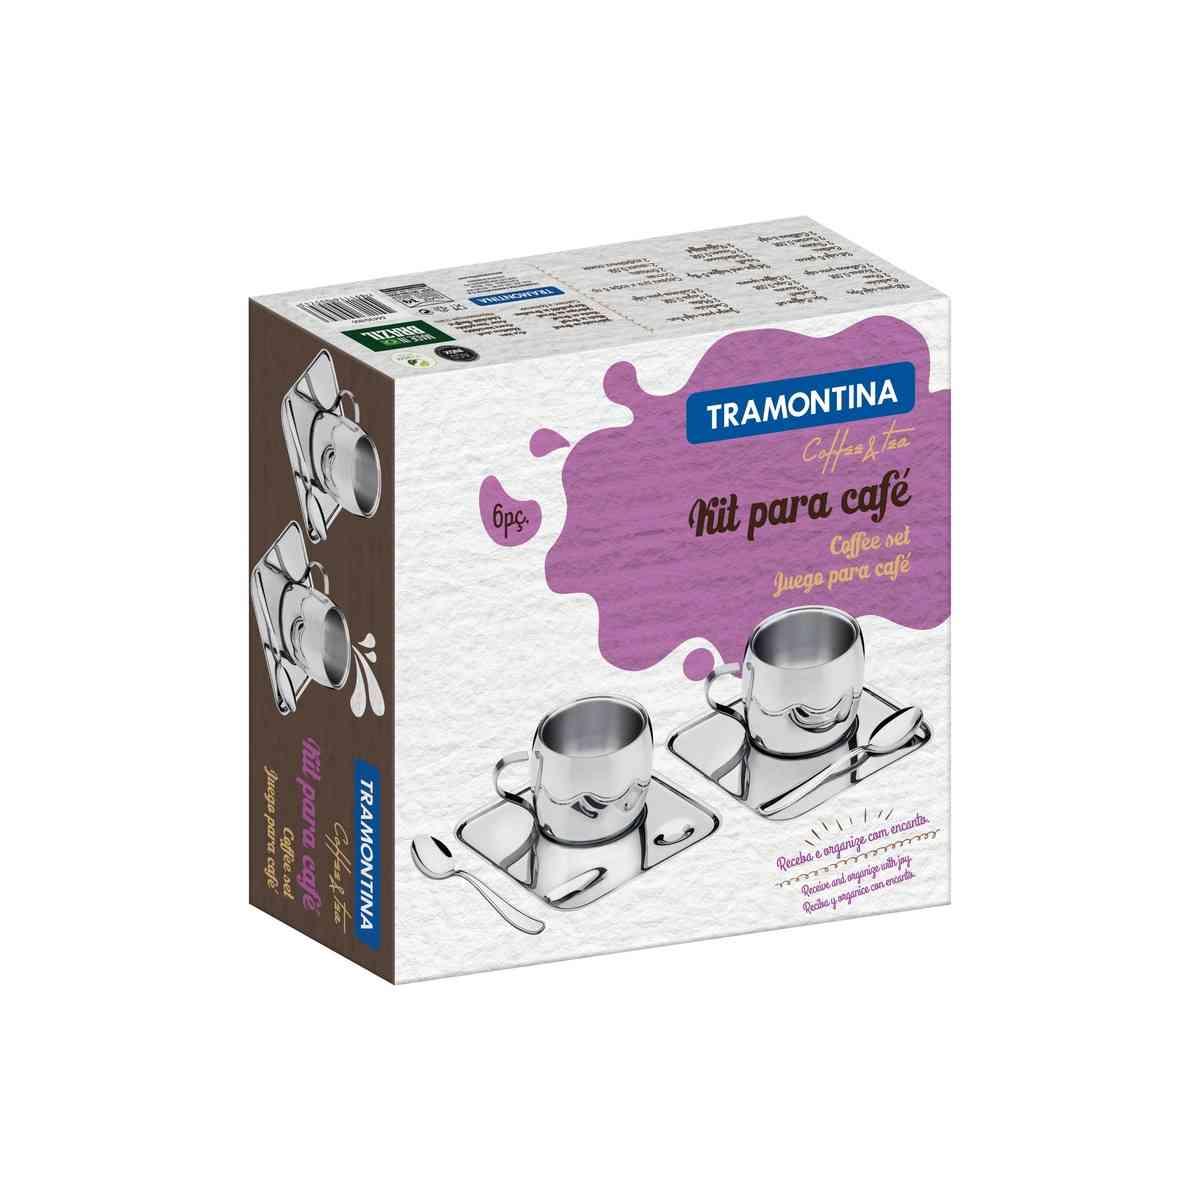 Kit para Café Tramontina em Aço Inox Acabamento Brilho com Xícara Píres Quadrado e Colher 6 Peças Tramontina 64430800